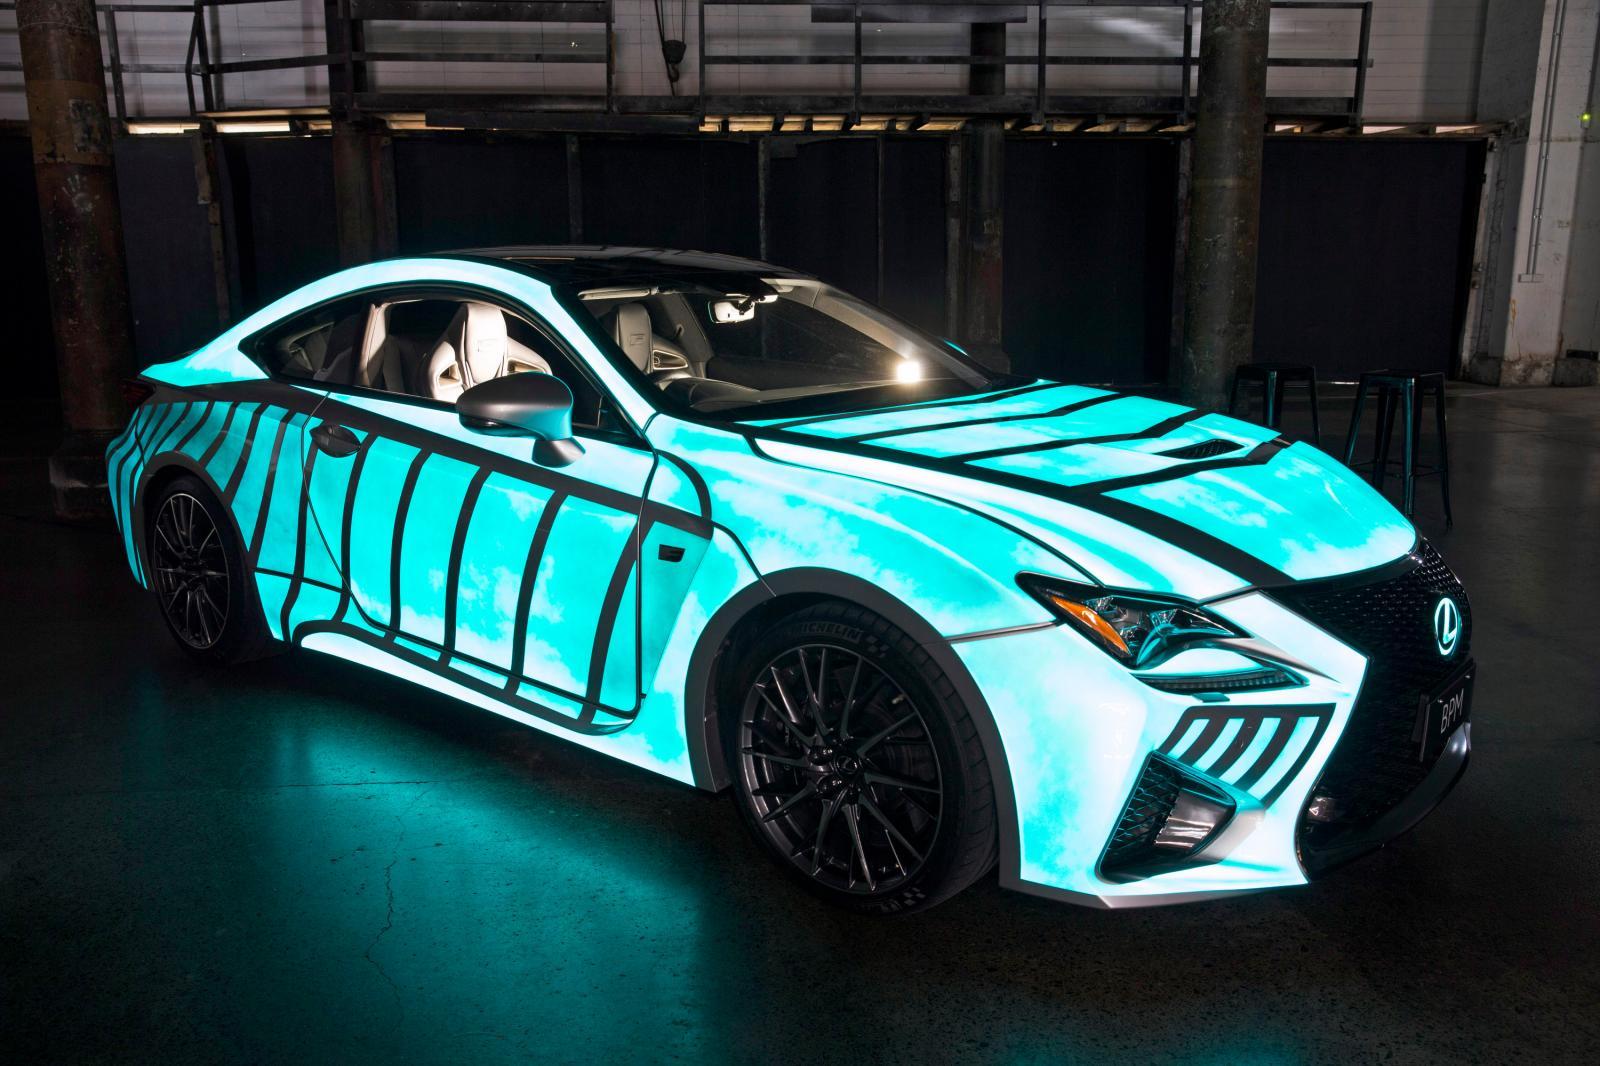 Lexus Le Copia A Nissan La Pintura Que Brilla En La